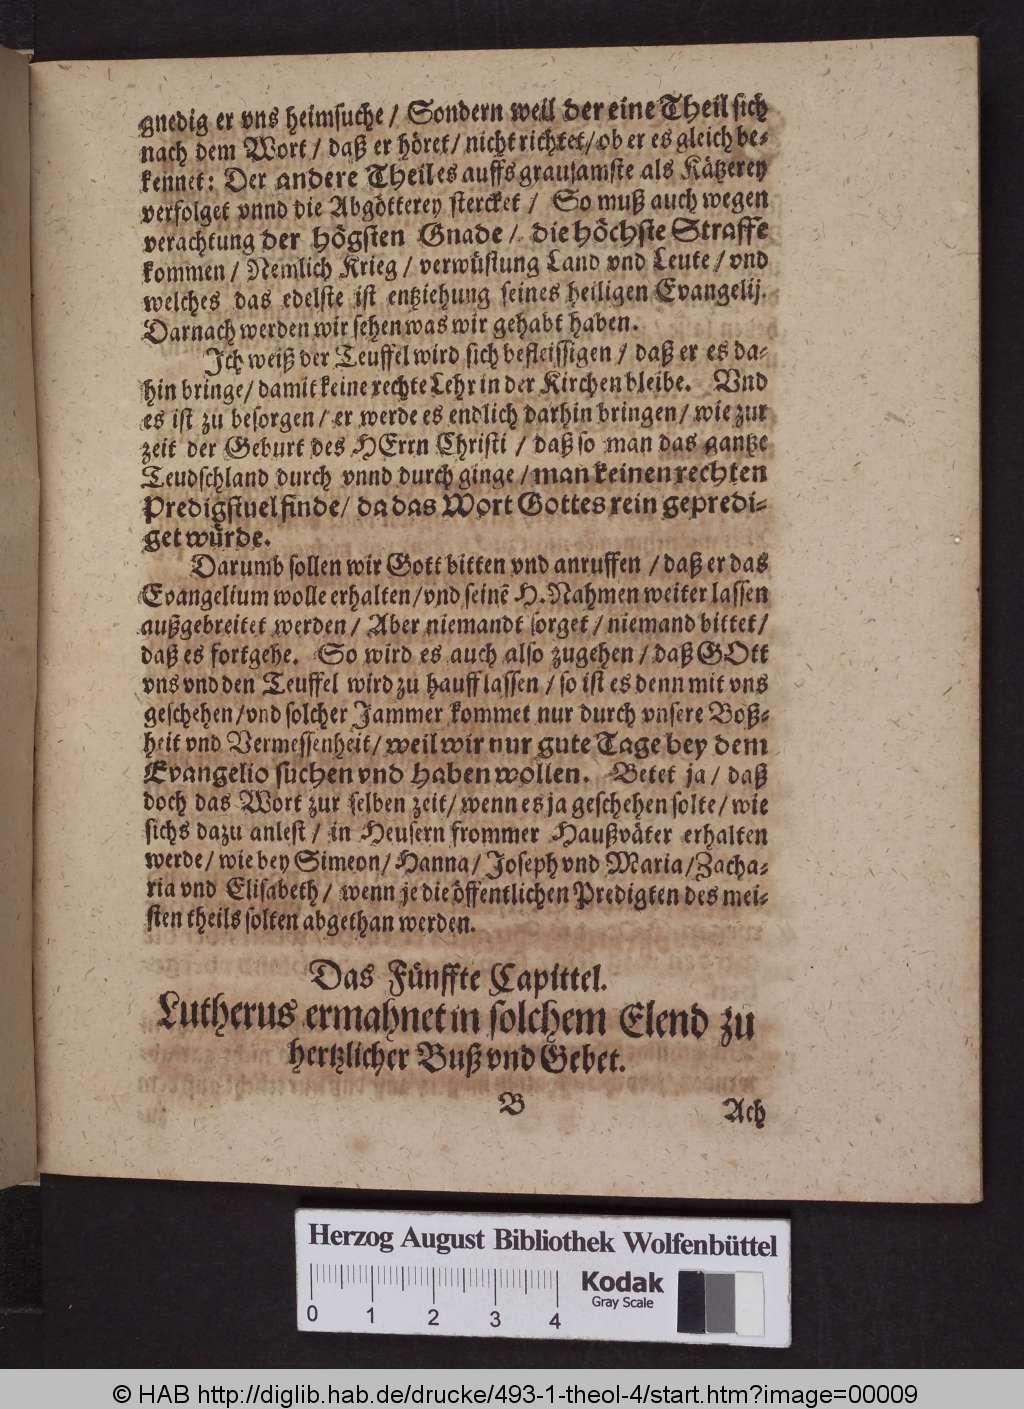 http://diglib.hab.de/drucke/493-1-theol-4/00009.jpg